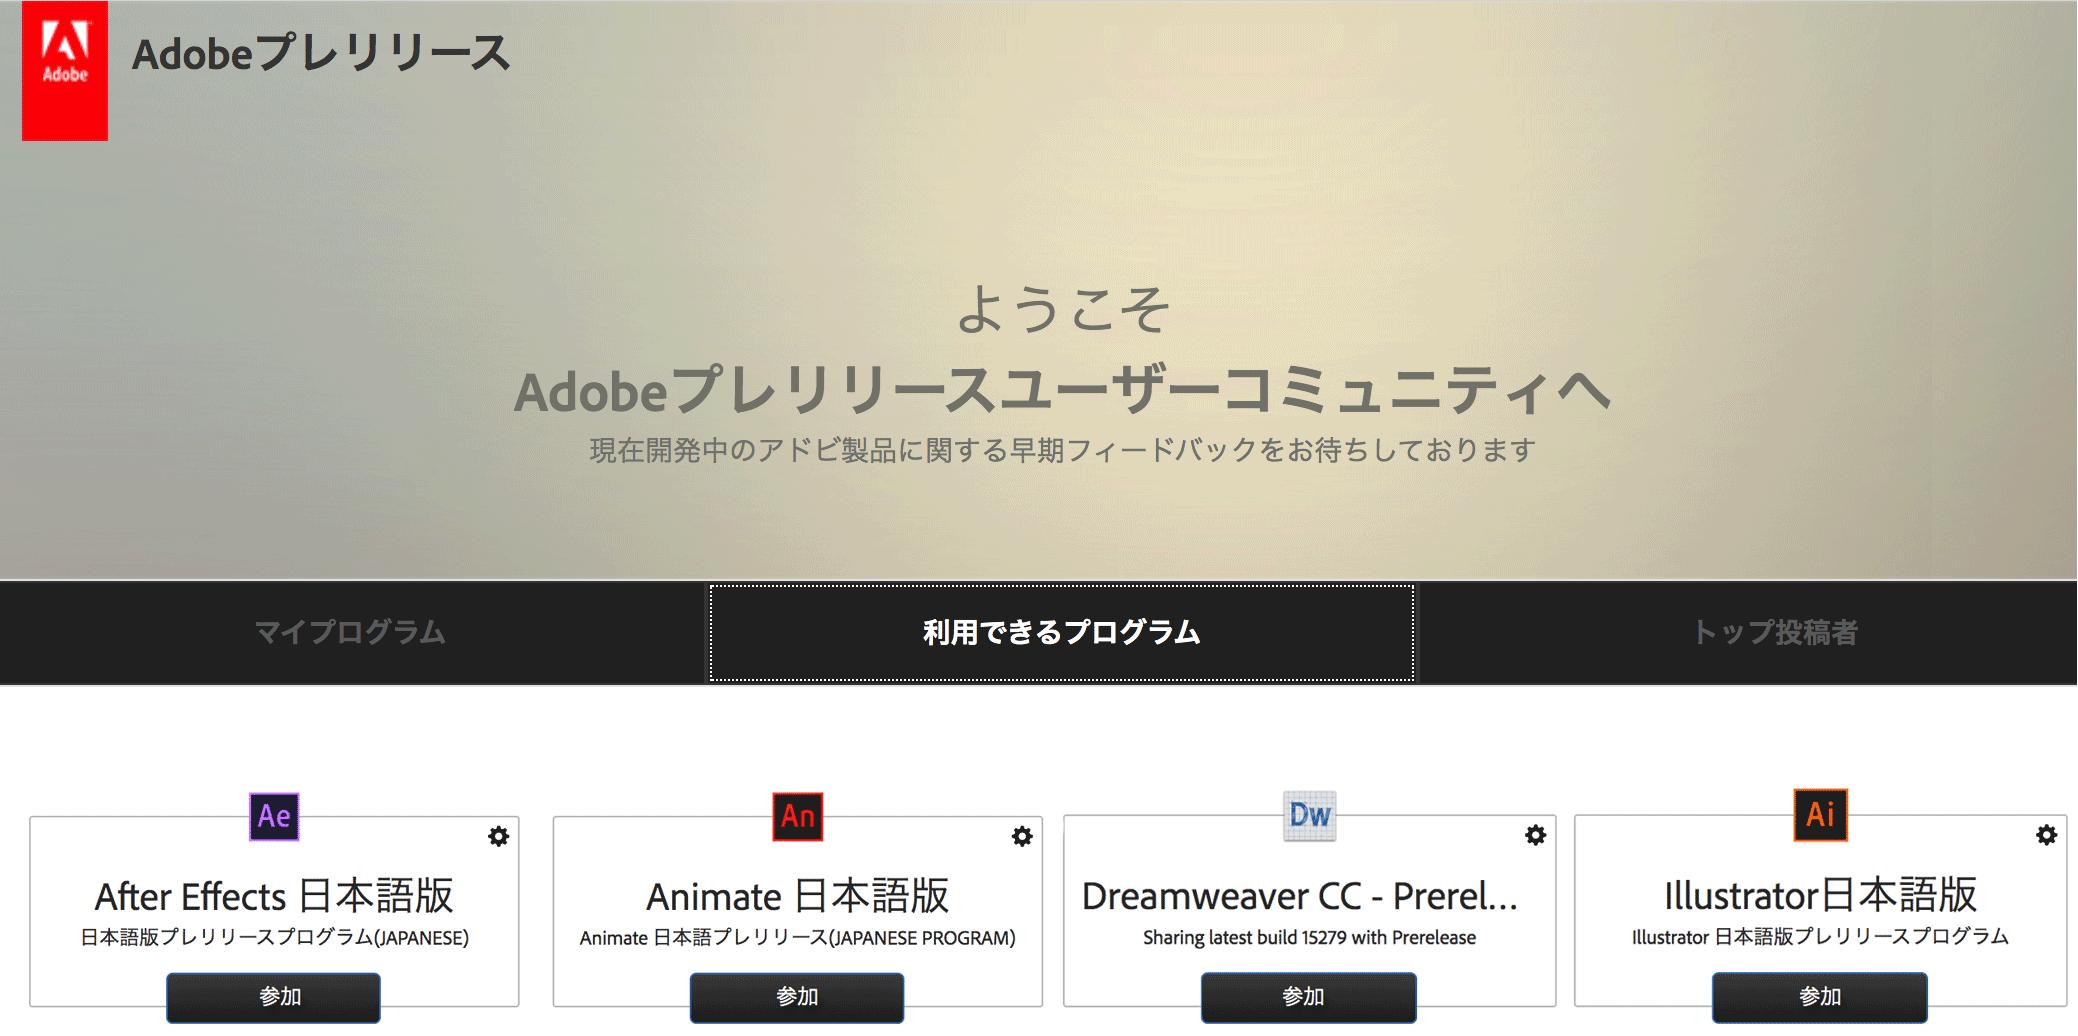 Adobeのプレリリースプログラム